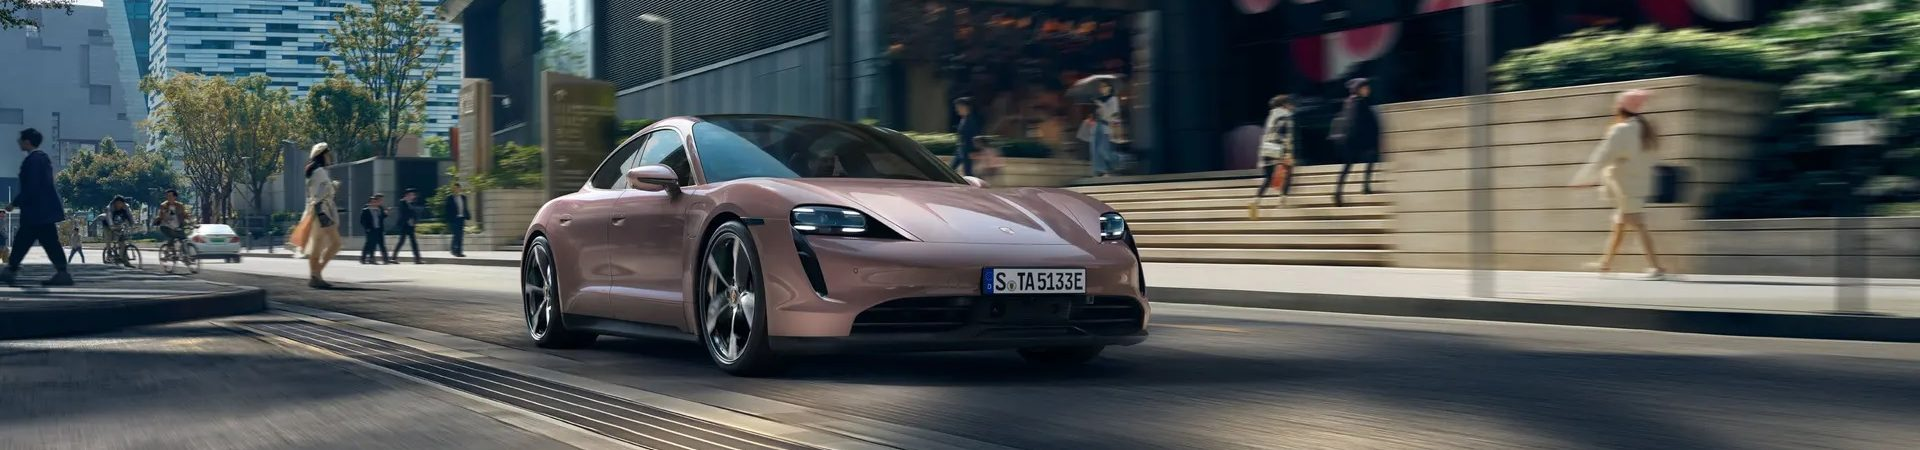 Porsche Taycan: imagem promocional